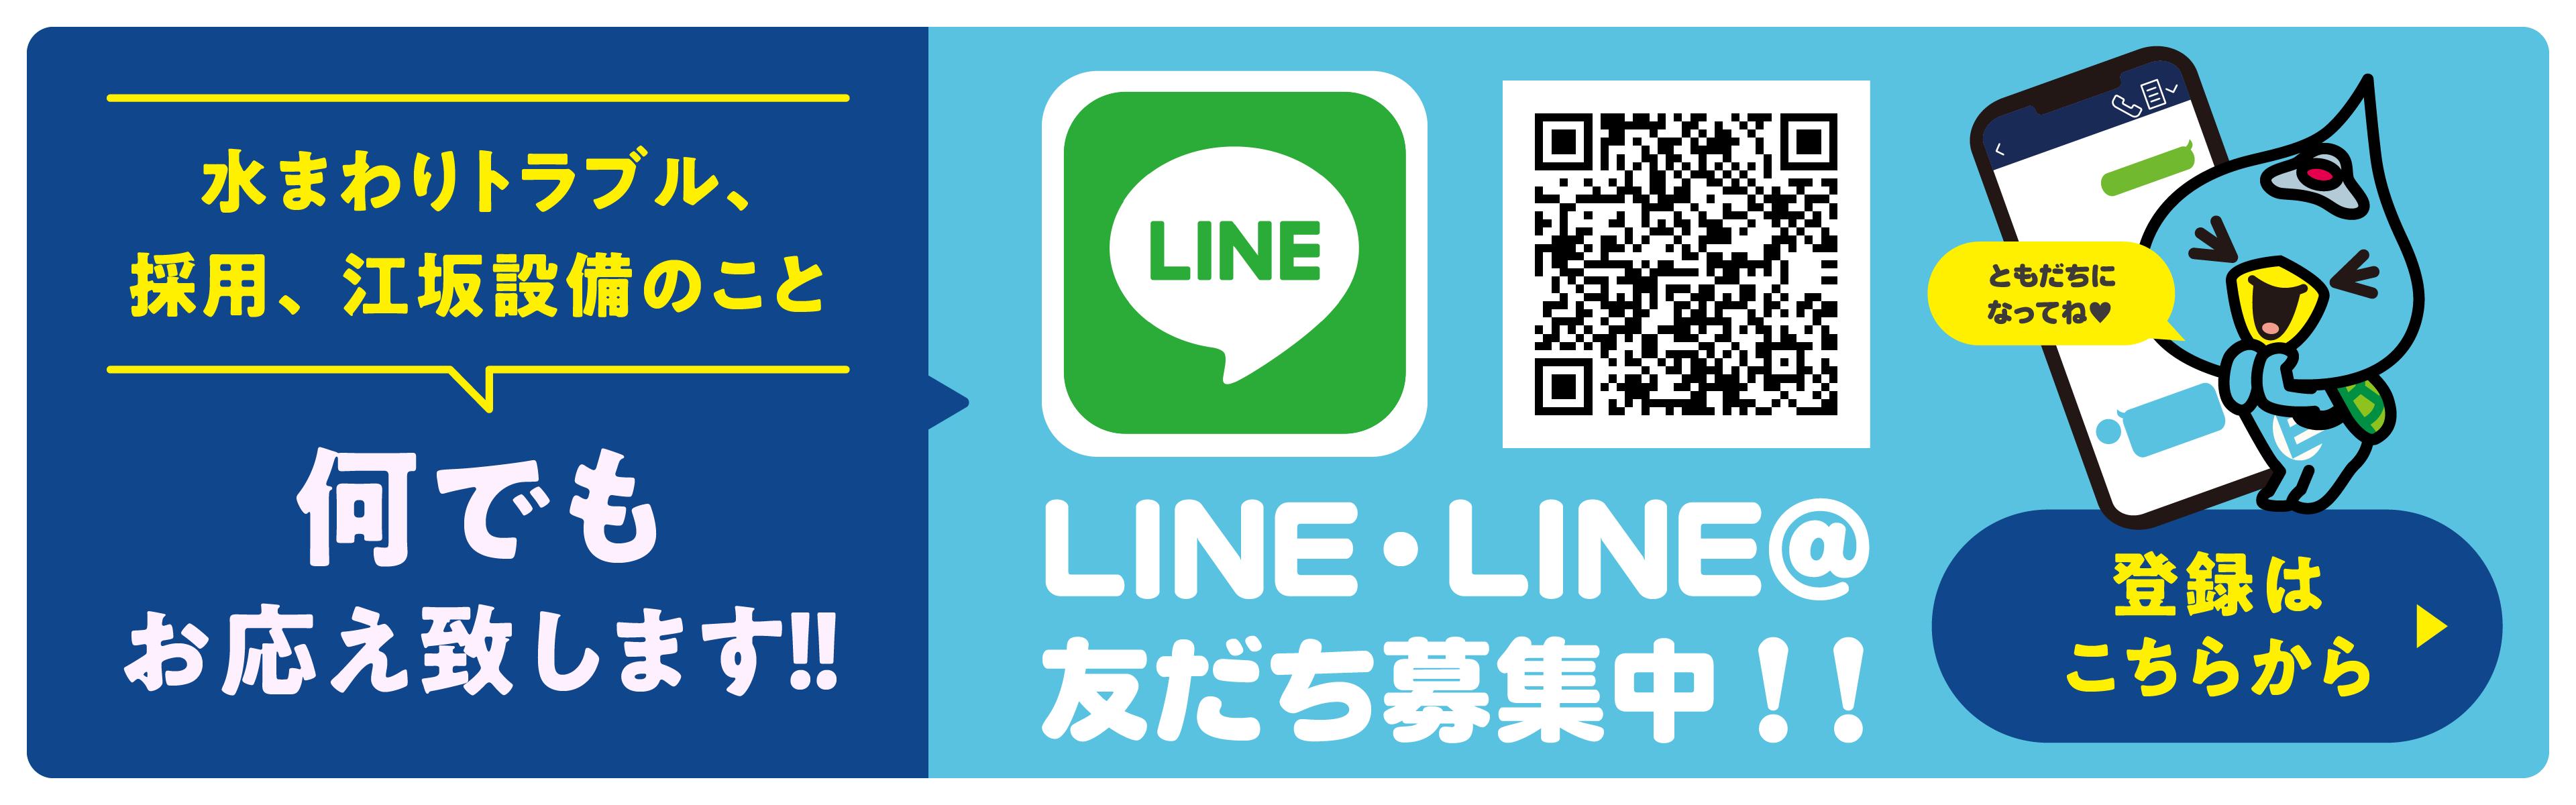 水回りトラブル、採用、江坂設備のことなんでもお伝えします!! LINE,LINE@ 友達募集中!! 登録はこちらから